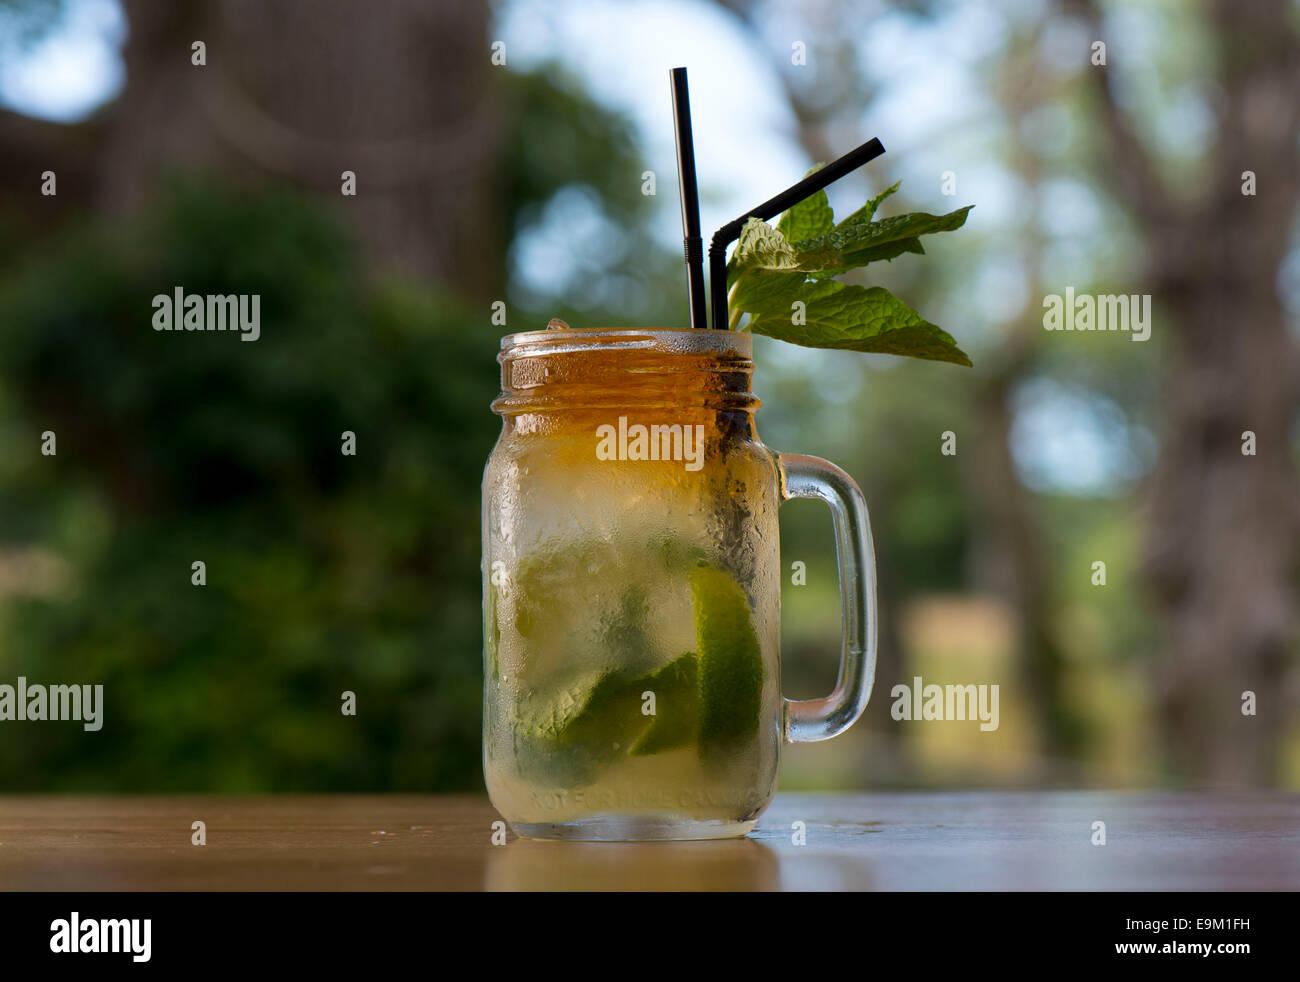 Ein Mojito Rum cocktail mit einem grünen Hintergrund. Stockbild